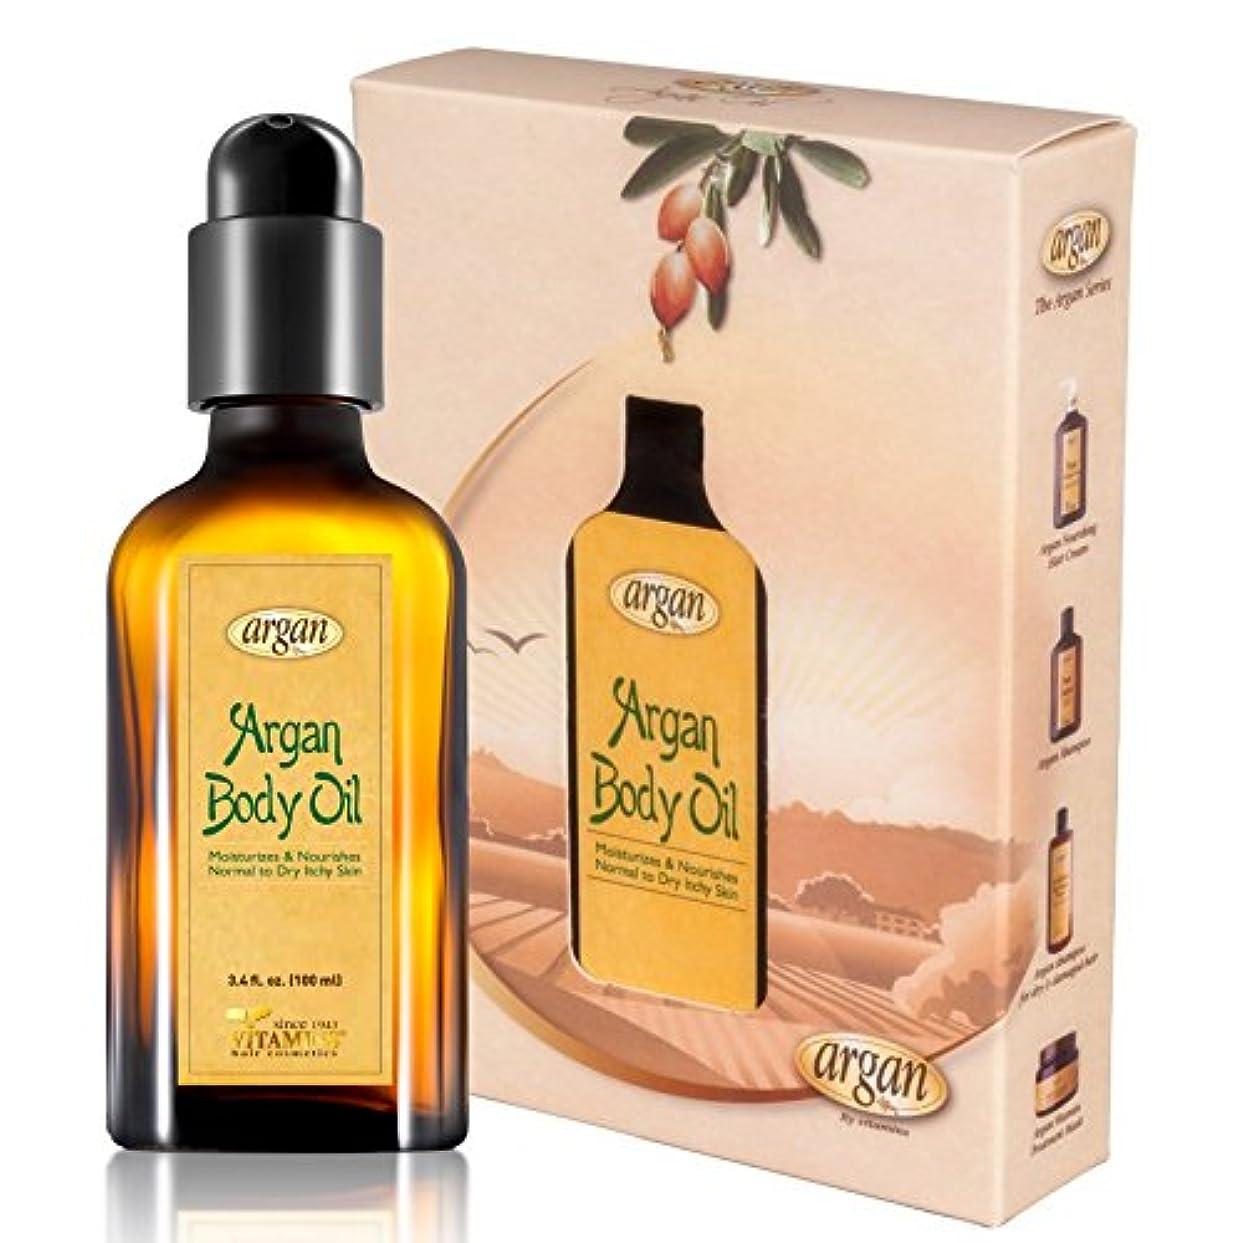 間接的誰か接辞Argan Body Oil 3.4 fl.oz. 100 ml